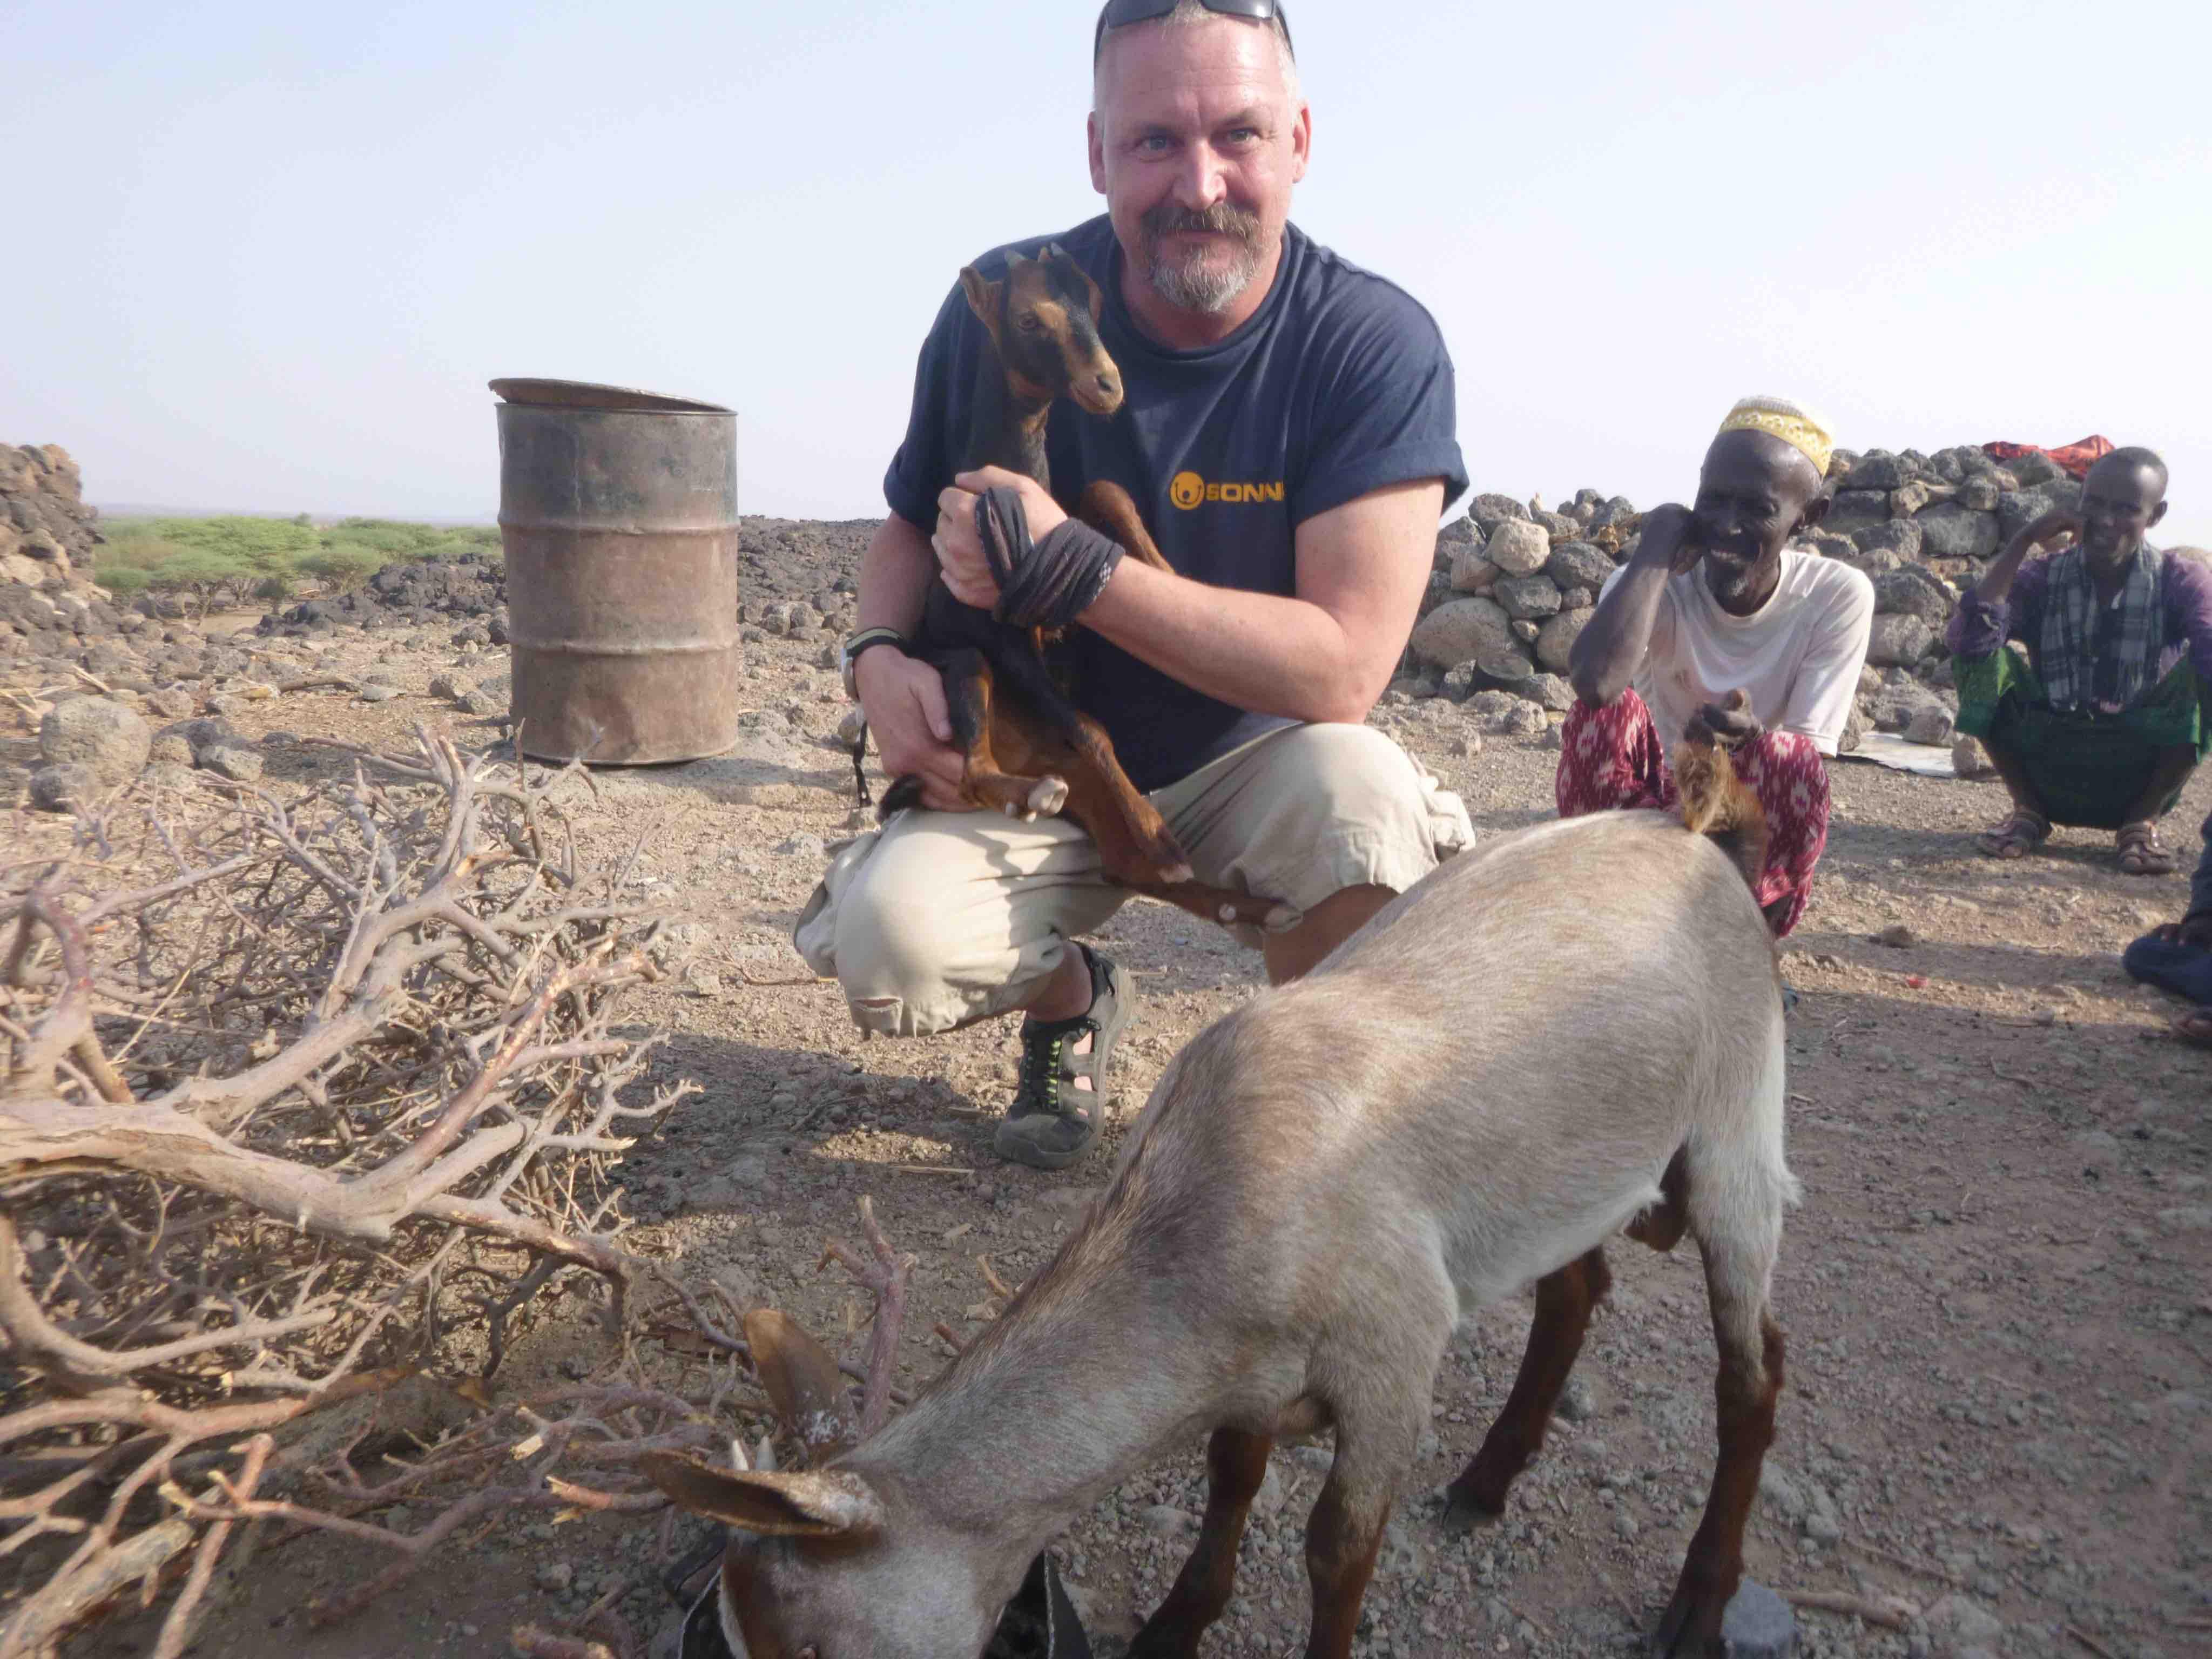 Stippe_Äthiopien_1